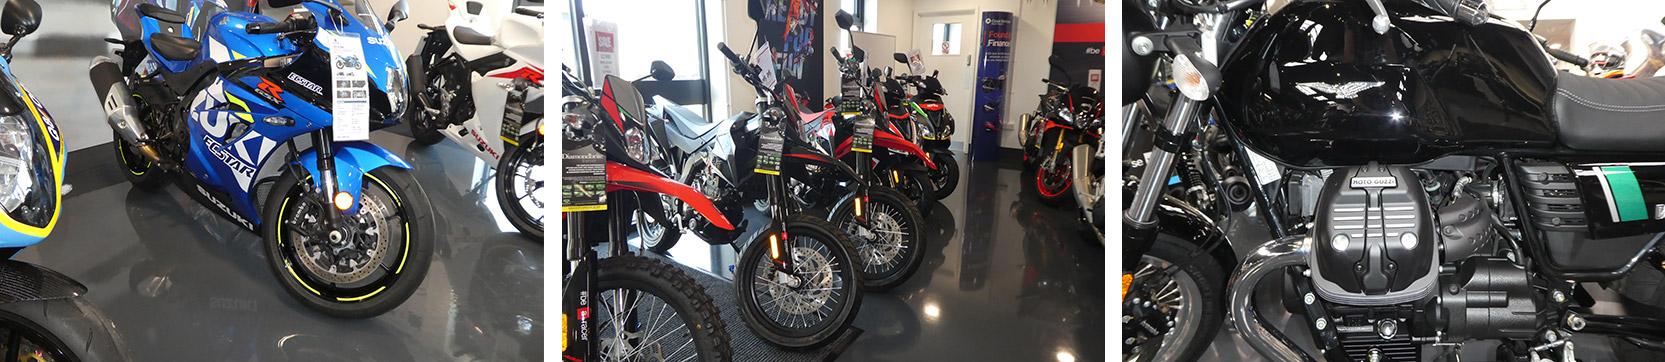 Dearden Motorcycles Showroom #2